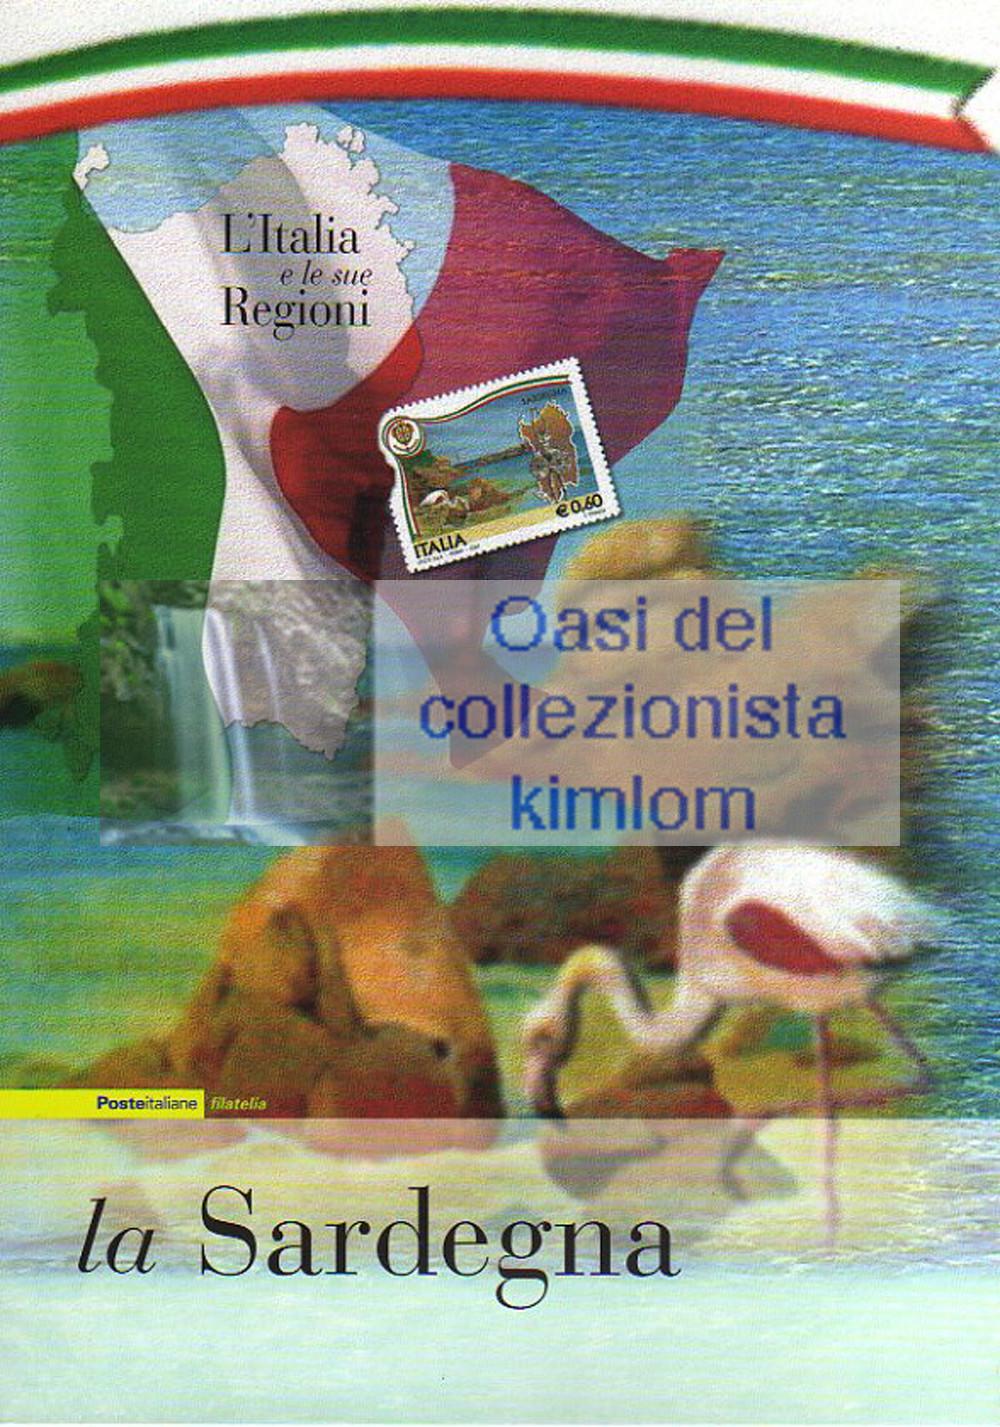 folder - L'Italia e le sue regioni - La Sardegna